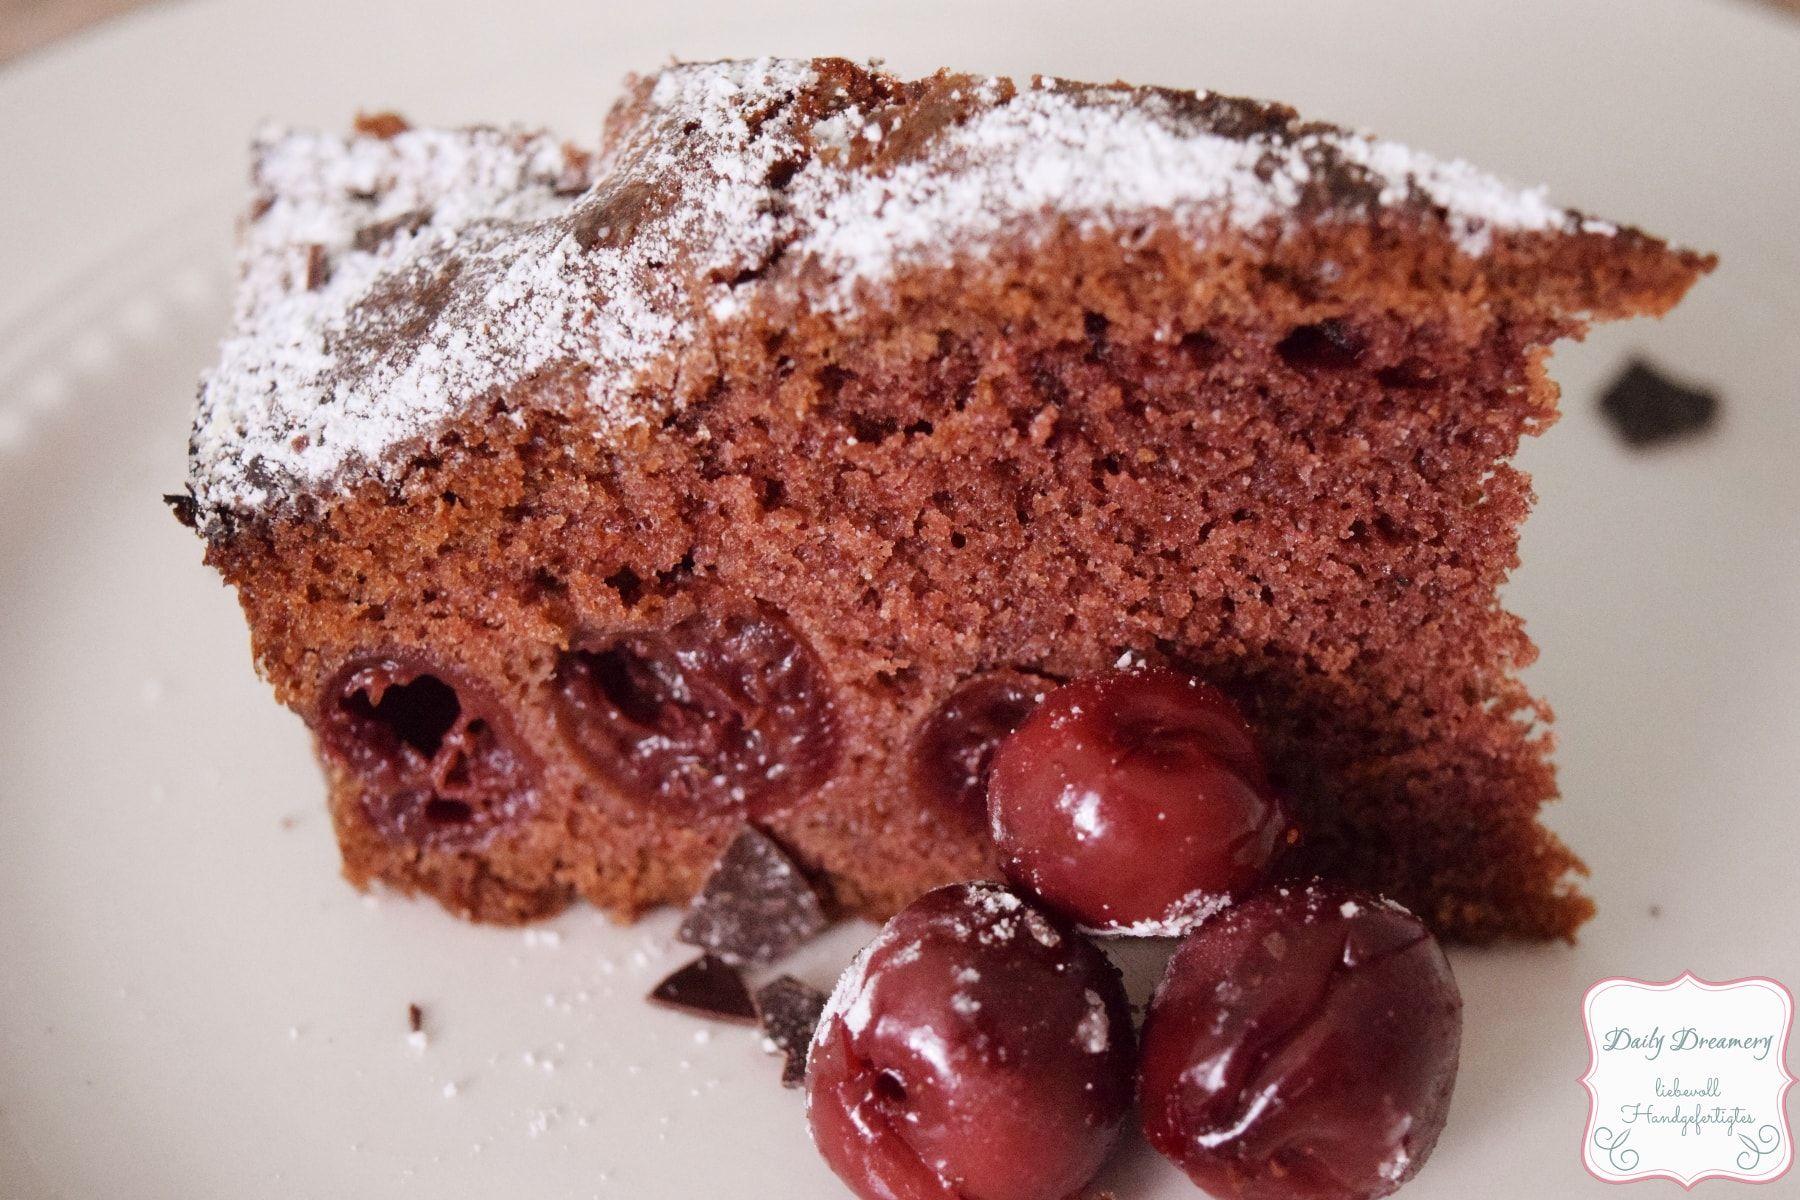 Luftig Lockerer Schoko Kirsch Kuchen Rezept Saftiger Schoko Kirsch Kuchen Schoko Kirsch Kuchen Und Kuchen Rezepte